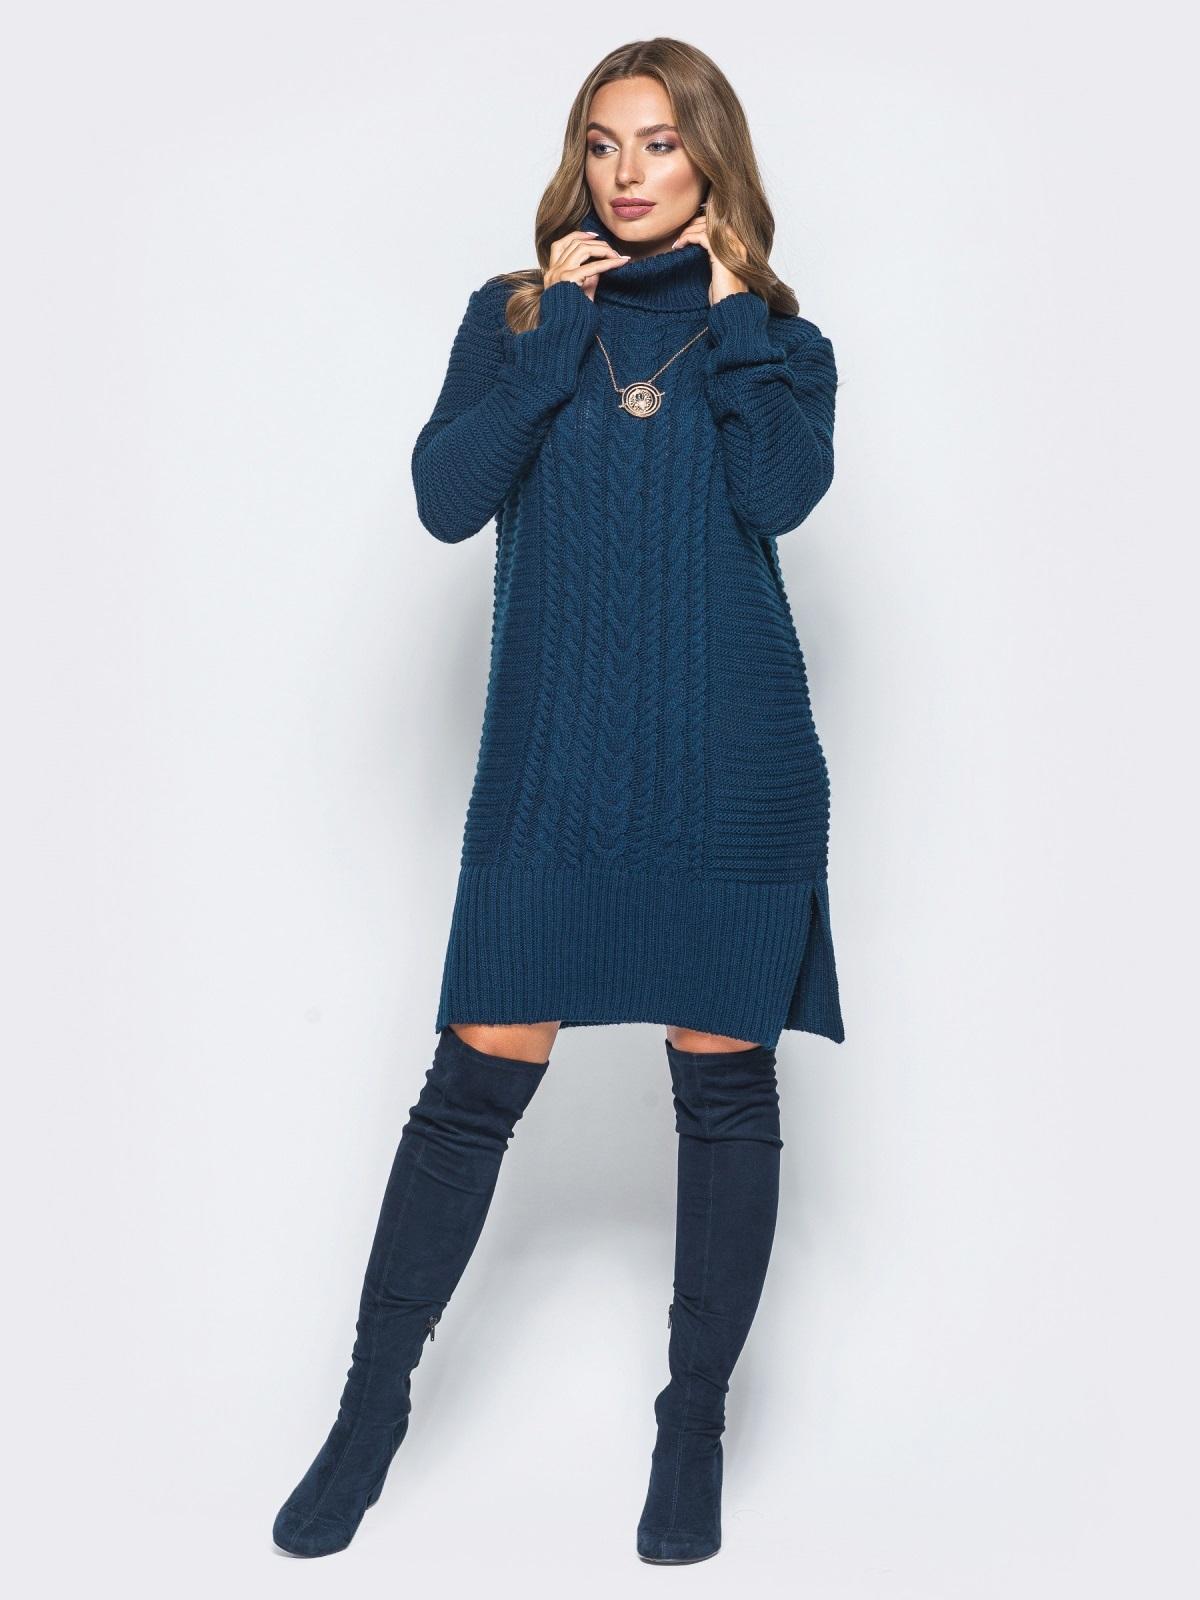 Тёмно-синее вязаное платье с высоким воротником - 15921, фото 1 – интернет-магазин Dressa